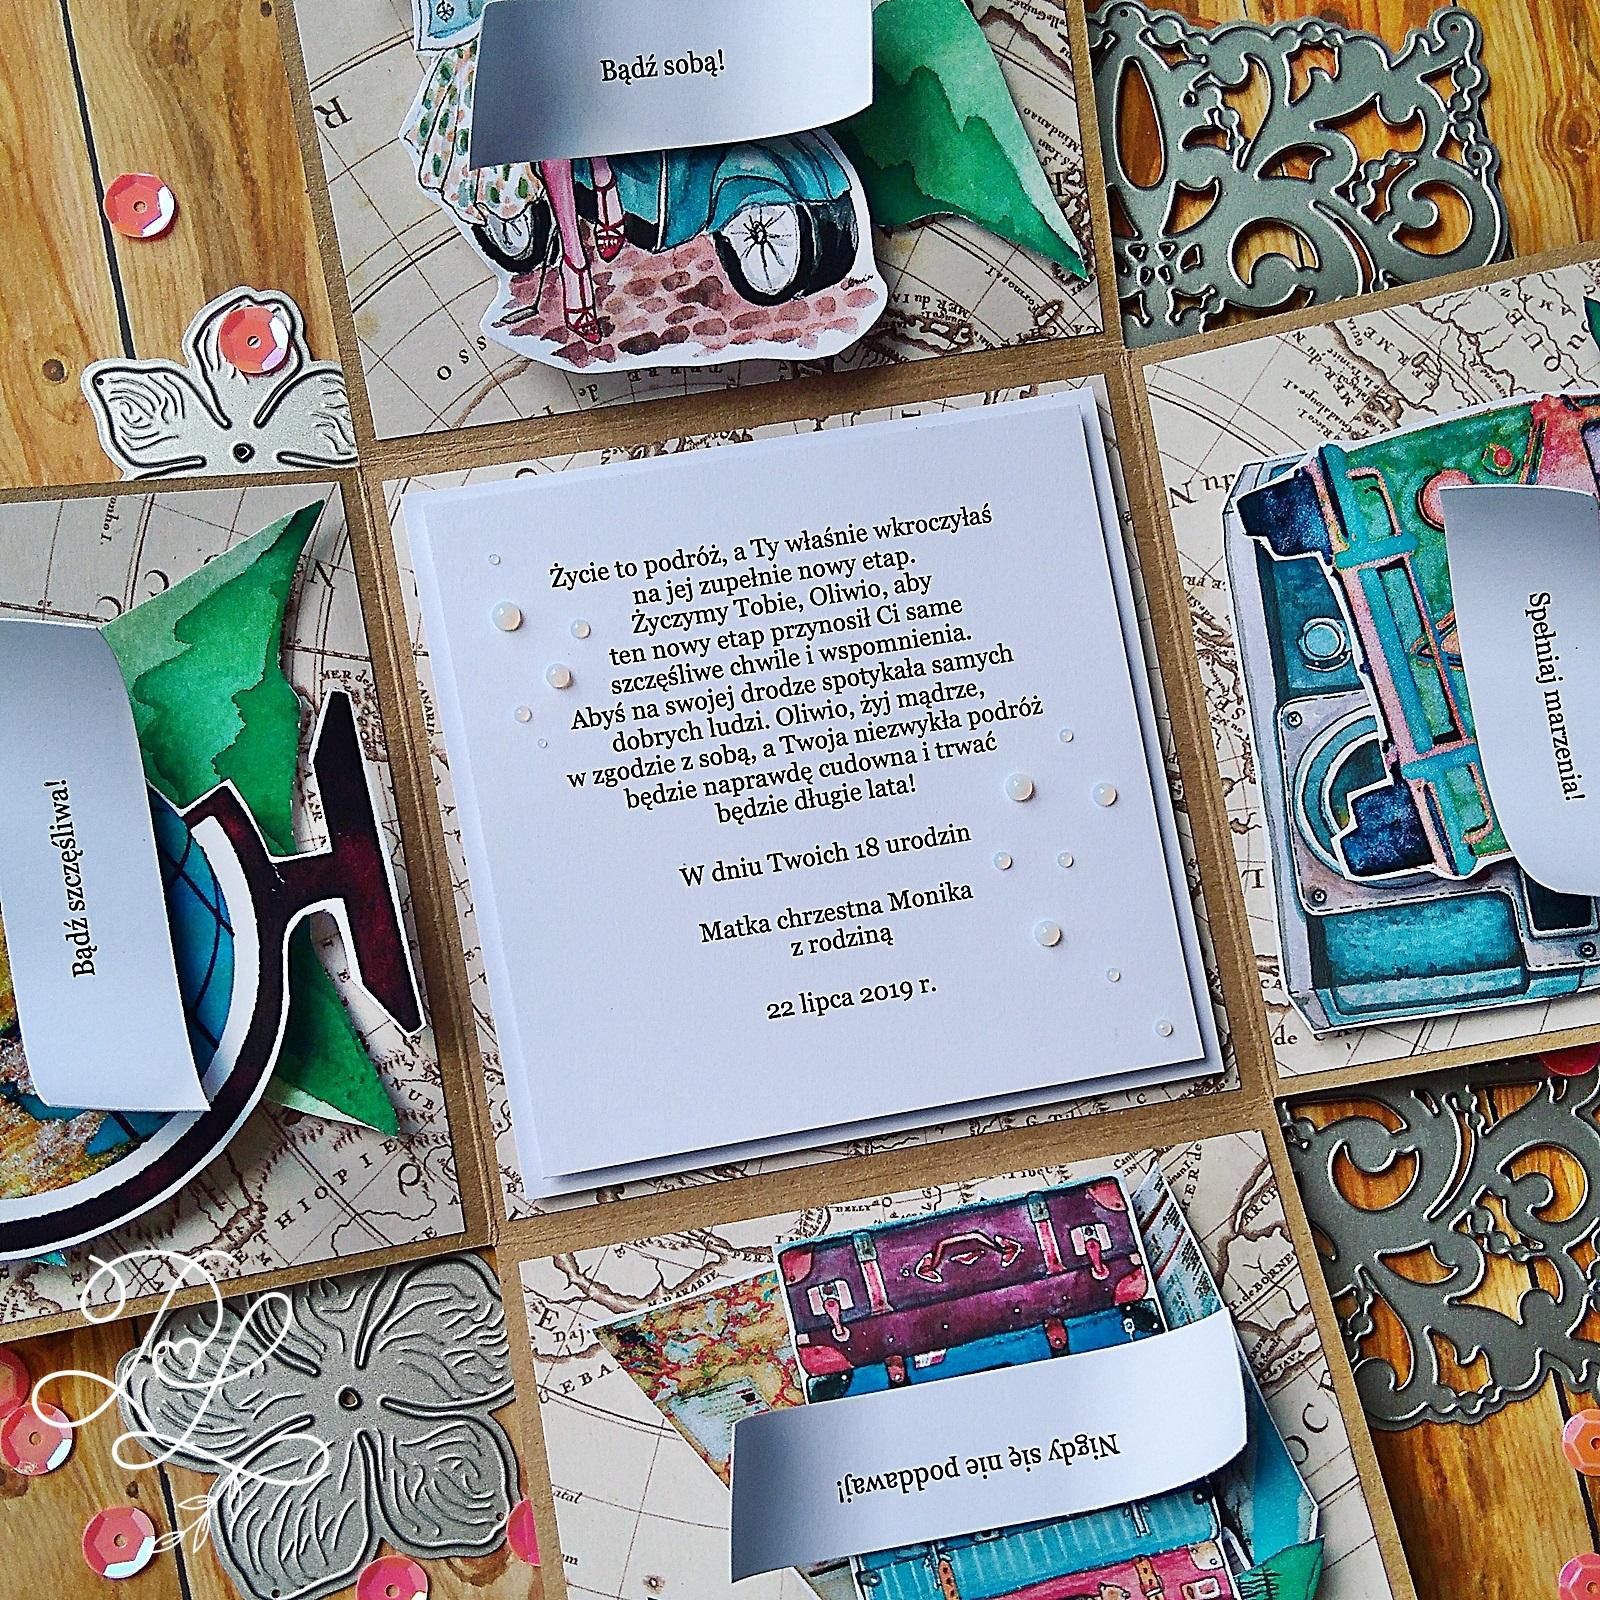 Exploding box dla zakochanej podróżach osiemnastolatki - Katarzyna Rajczakowska Papierowe Love Siechnice.